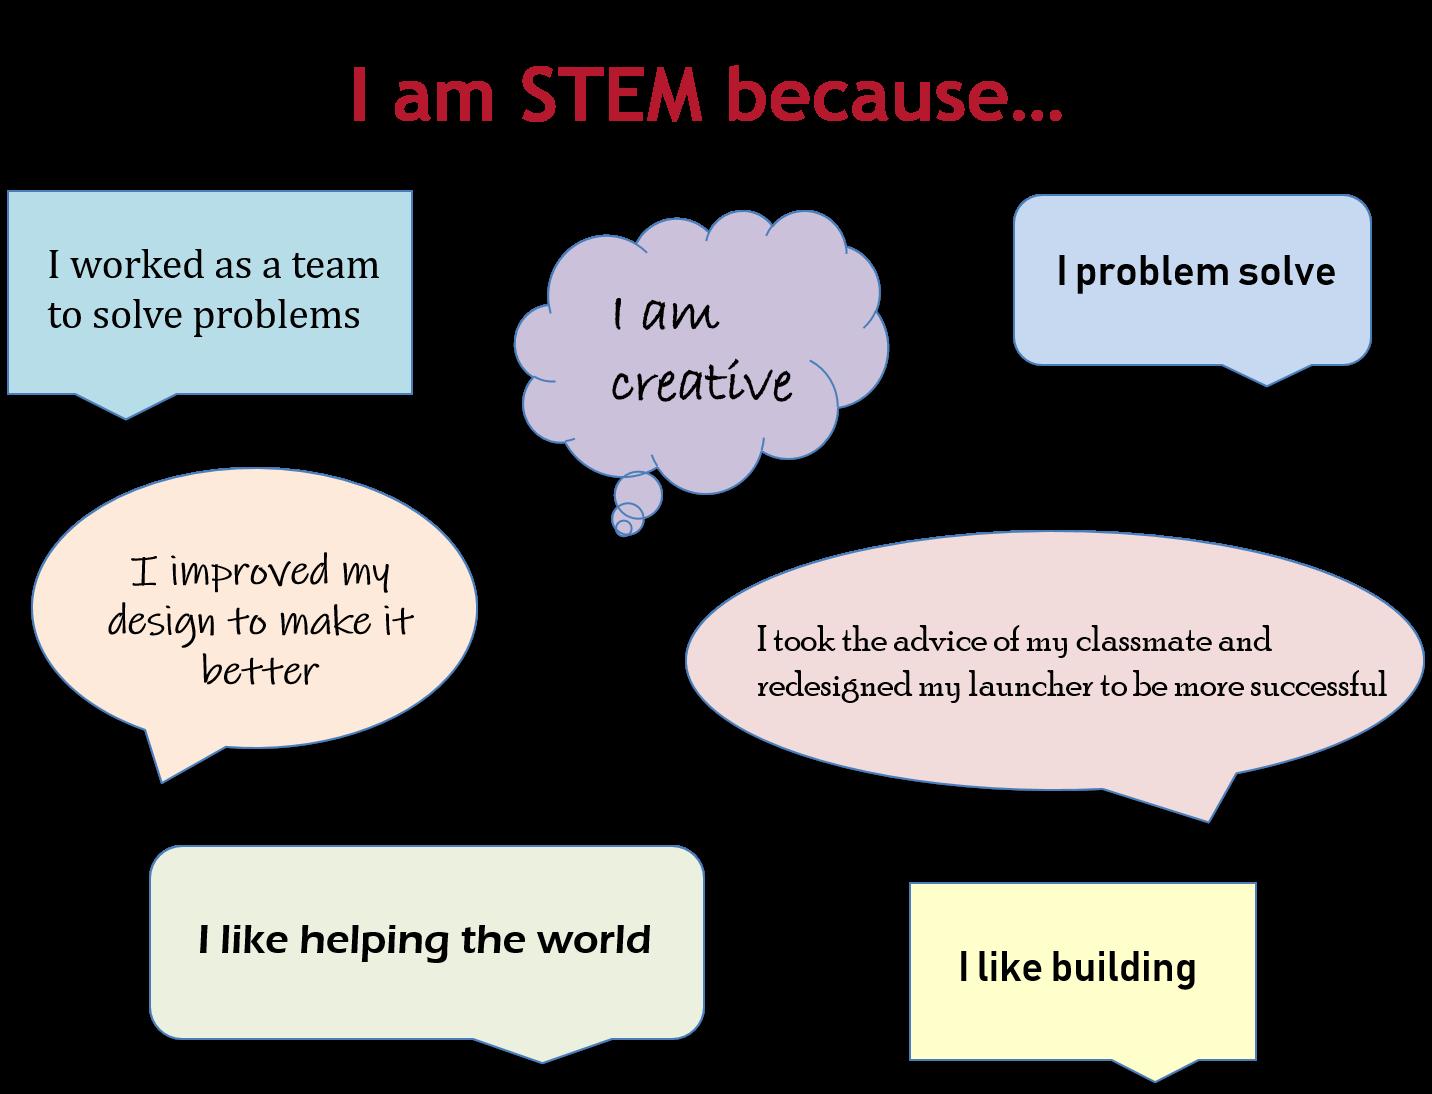 I am STEM because